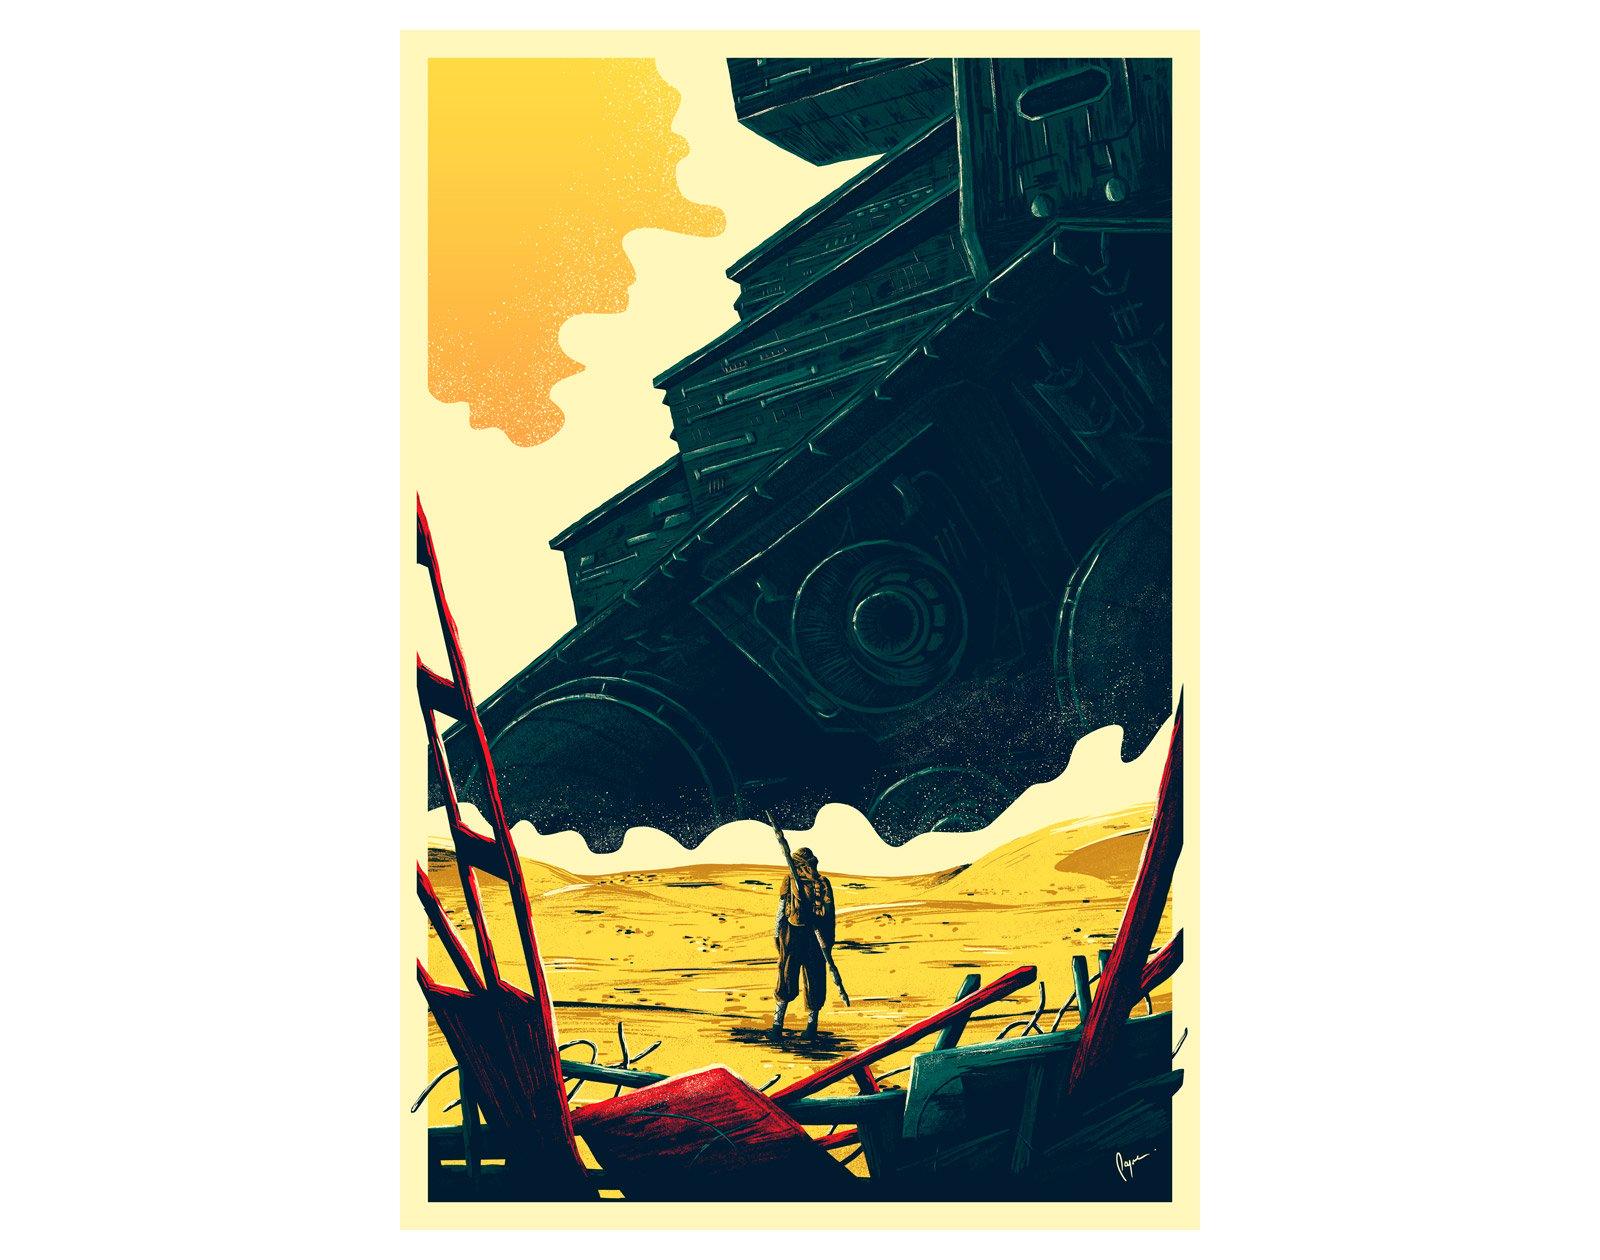 Deal: Star Wars Scavenger Poster